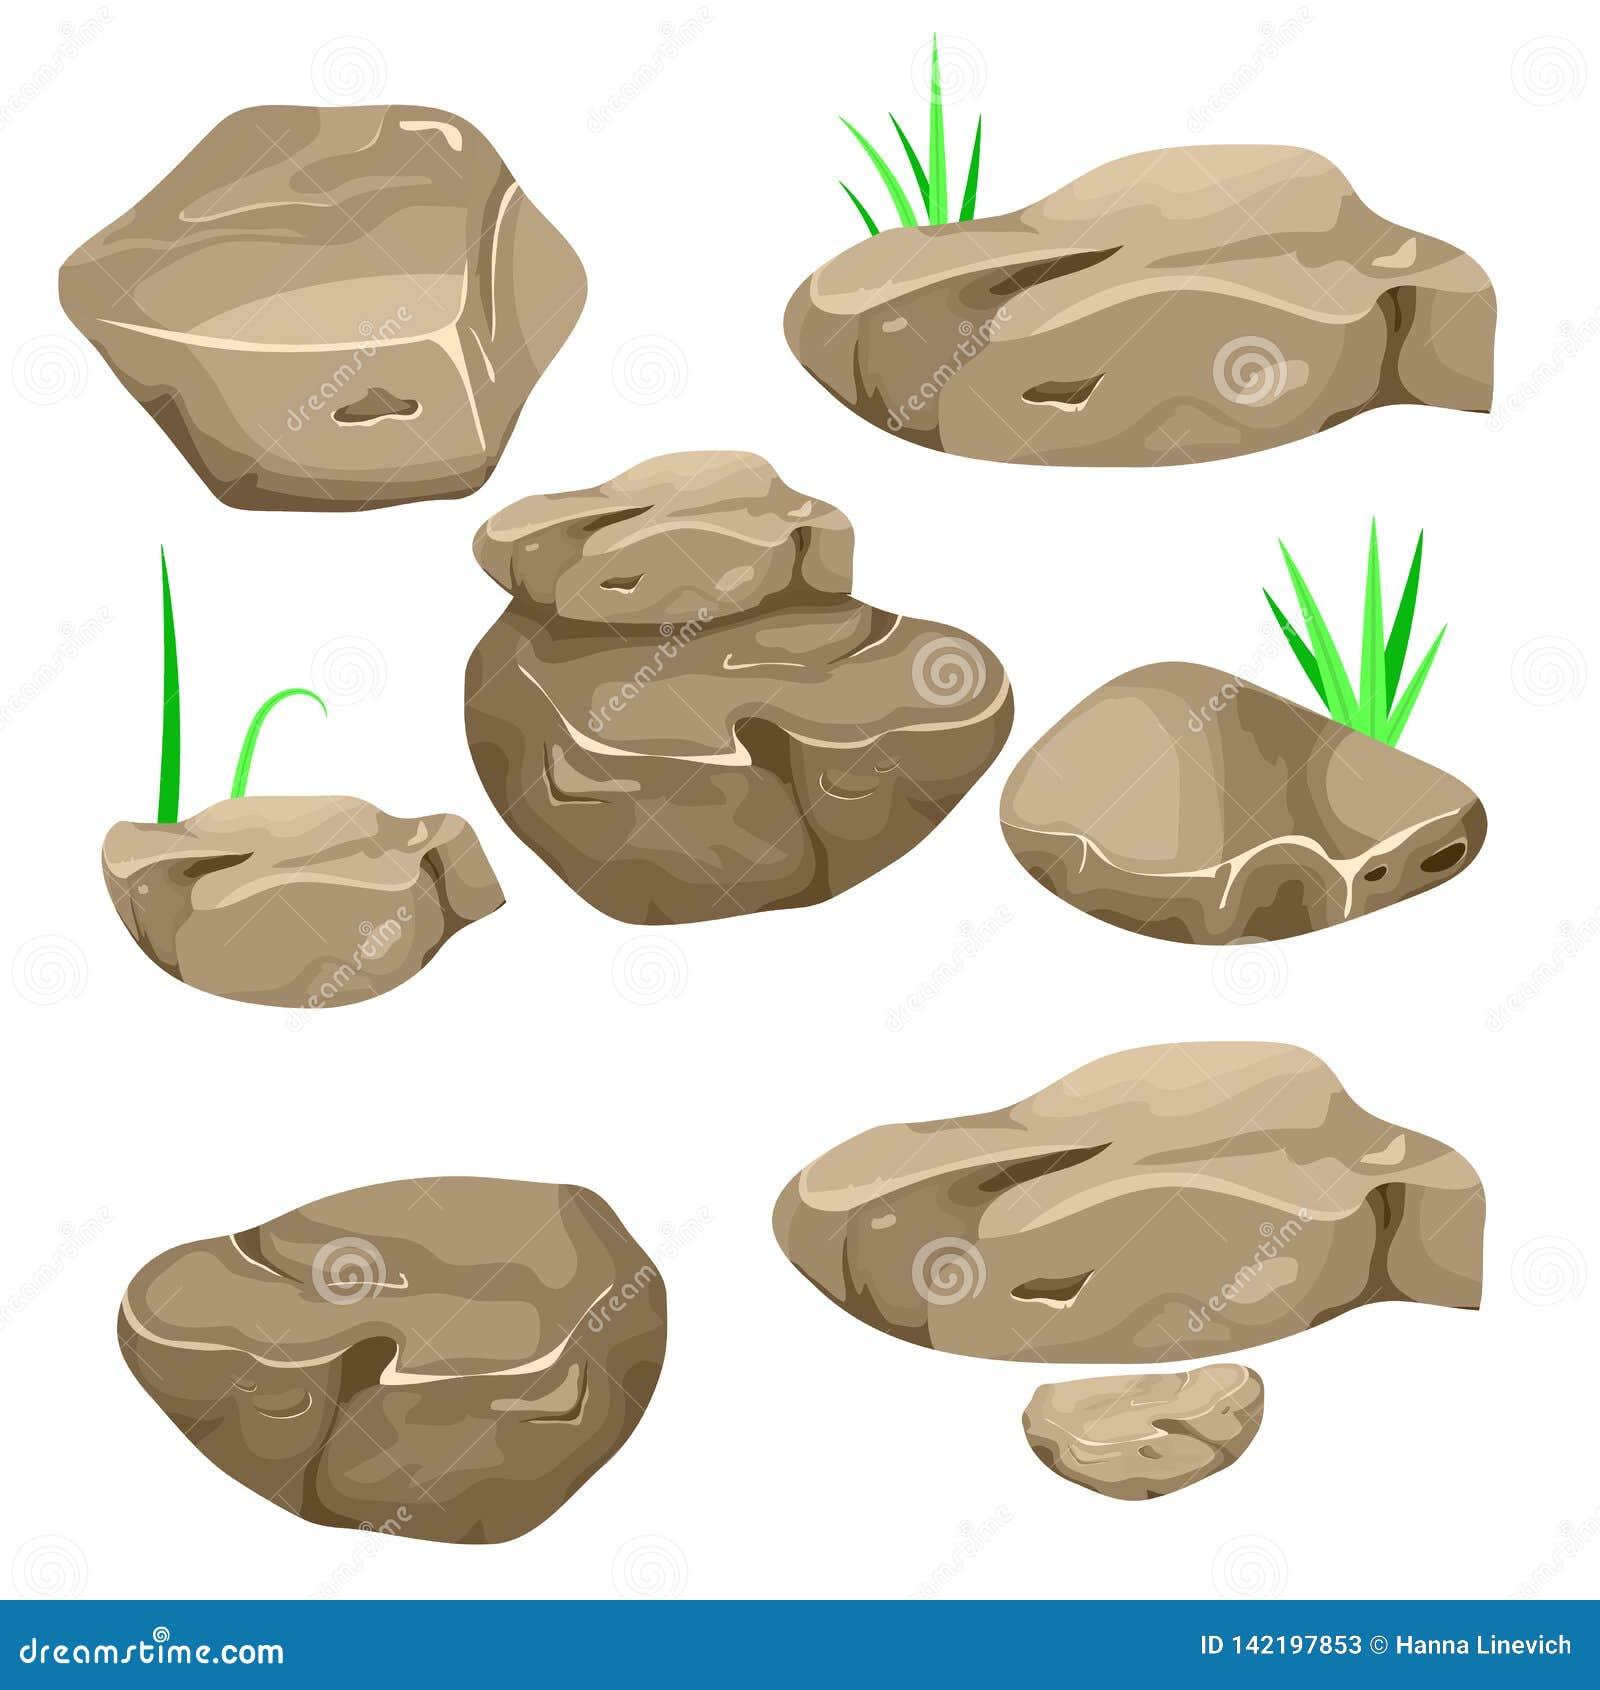 Ilustração do vetor de um grupo de pedregulhos, de pedras e de pedras separados dos desenhos animados de várias formas